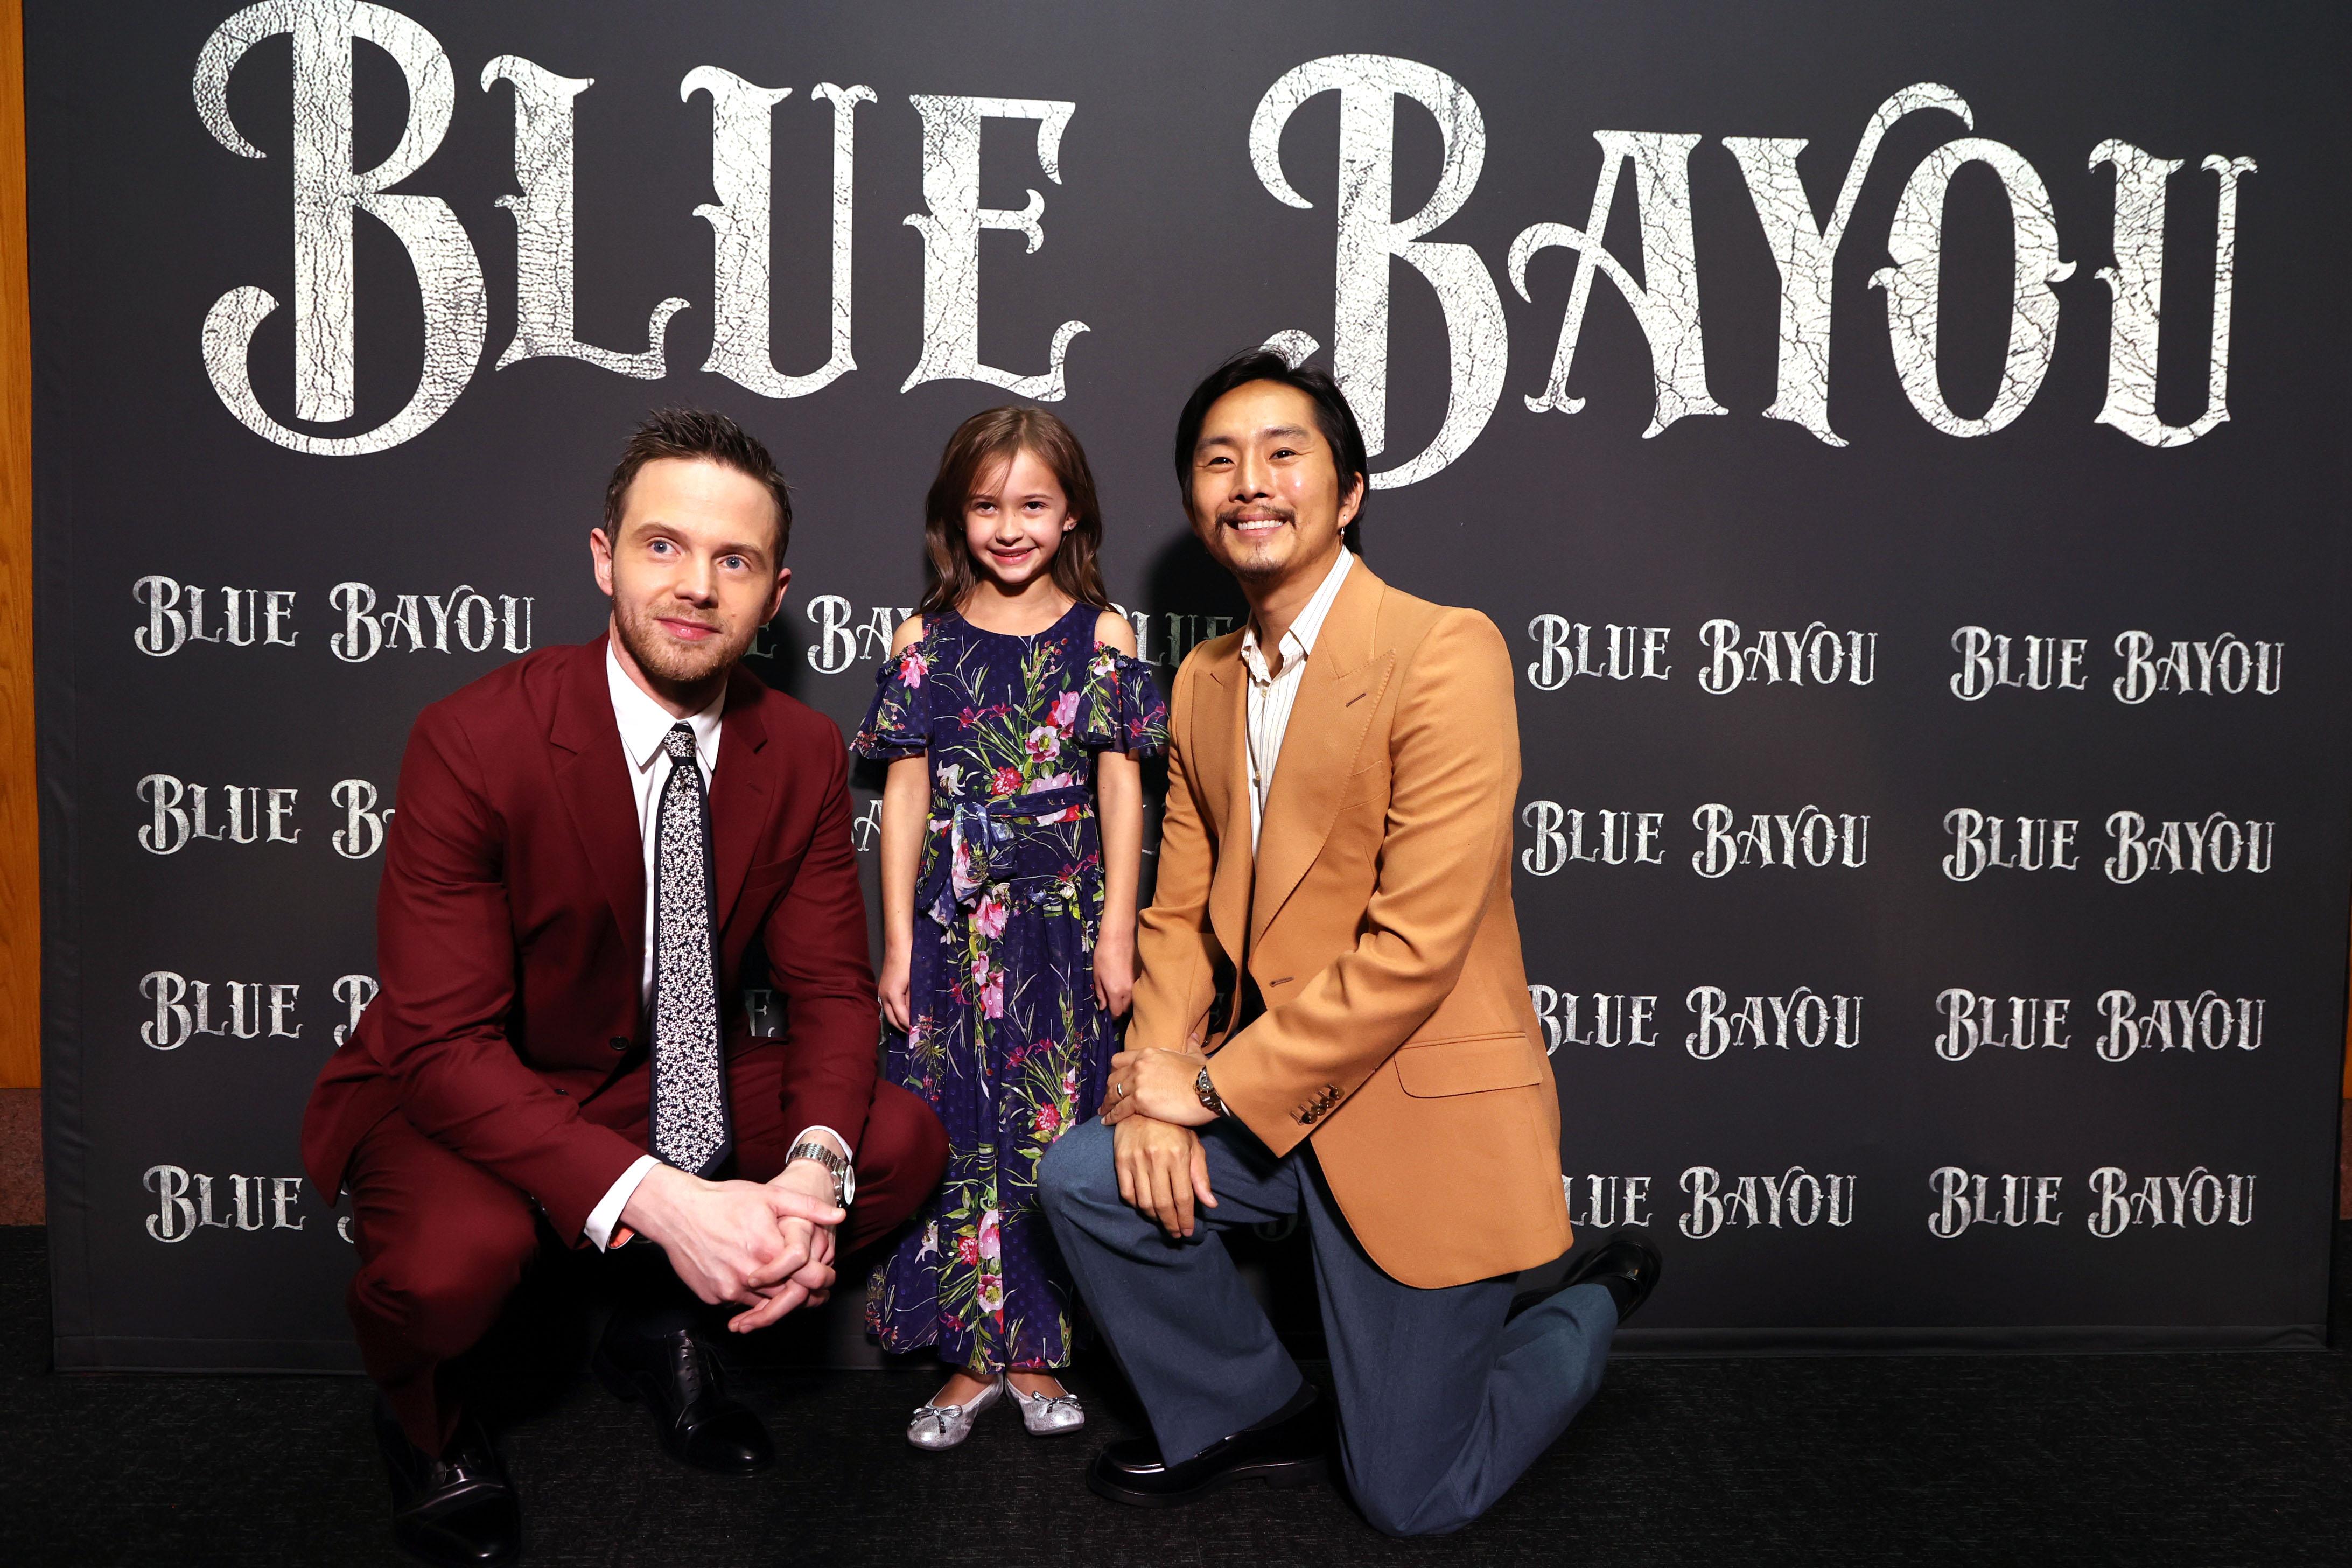 Mark O'Brian, Sydney Kowalske and Director Justin Chon